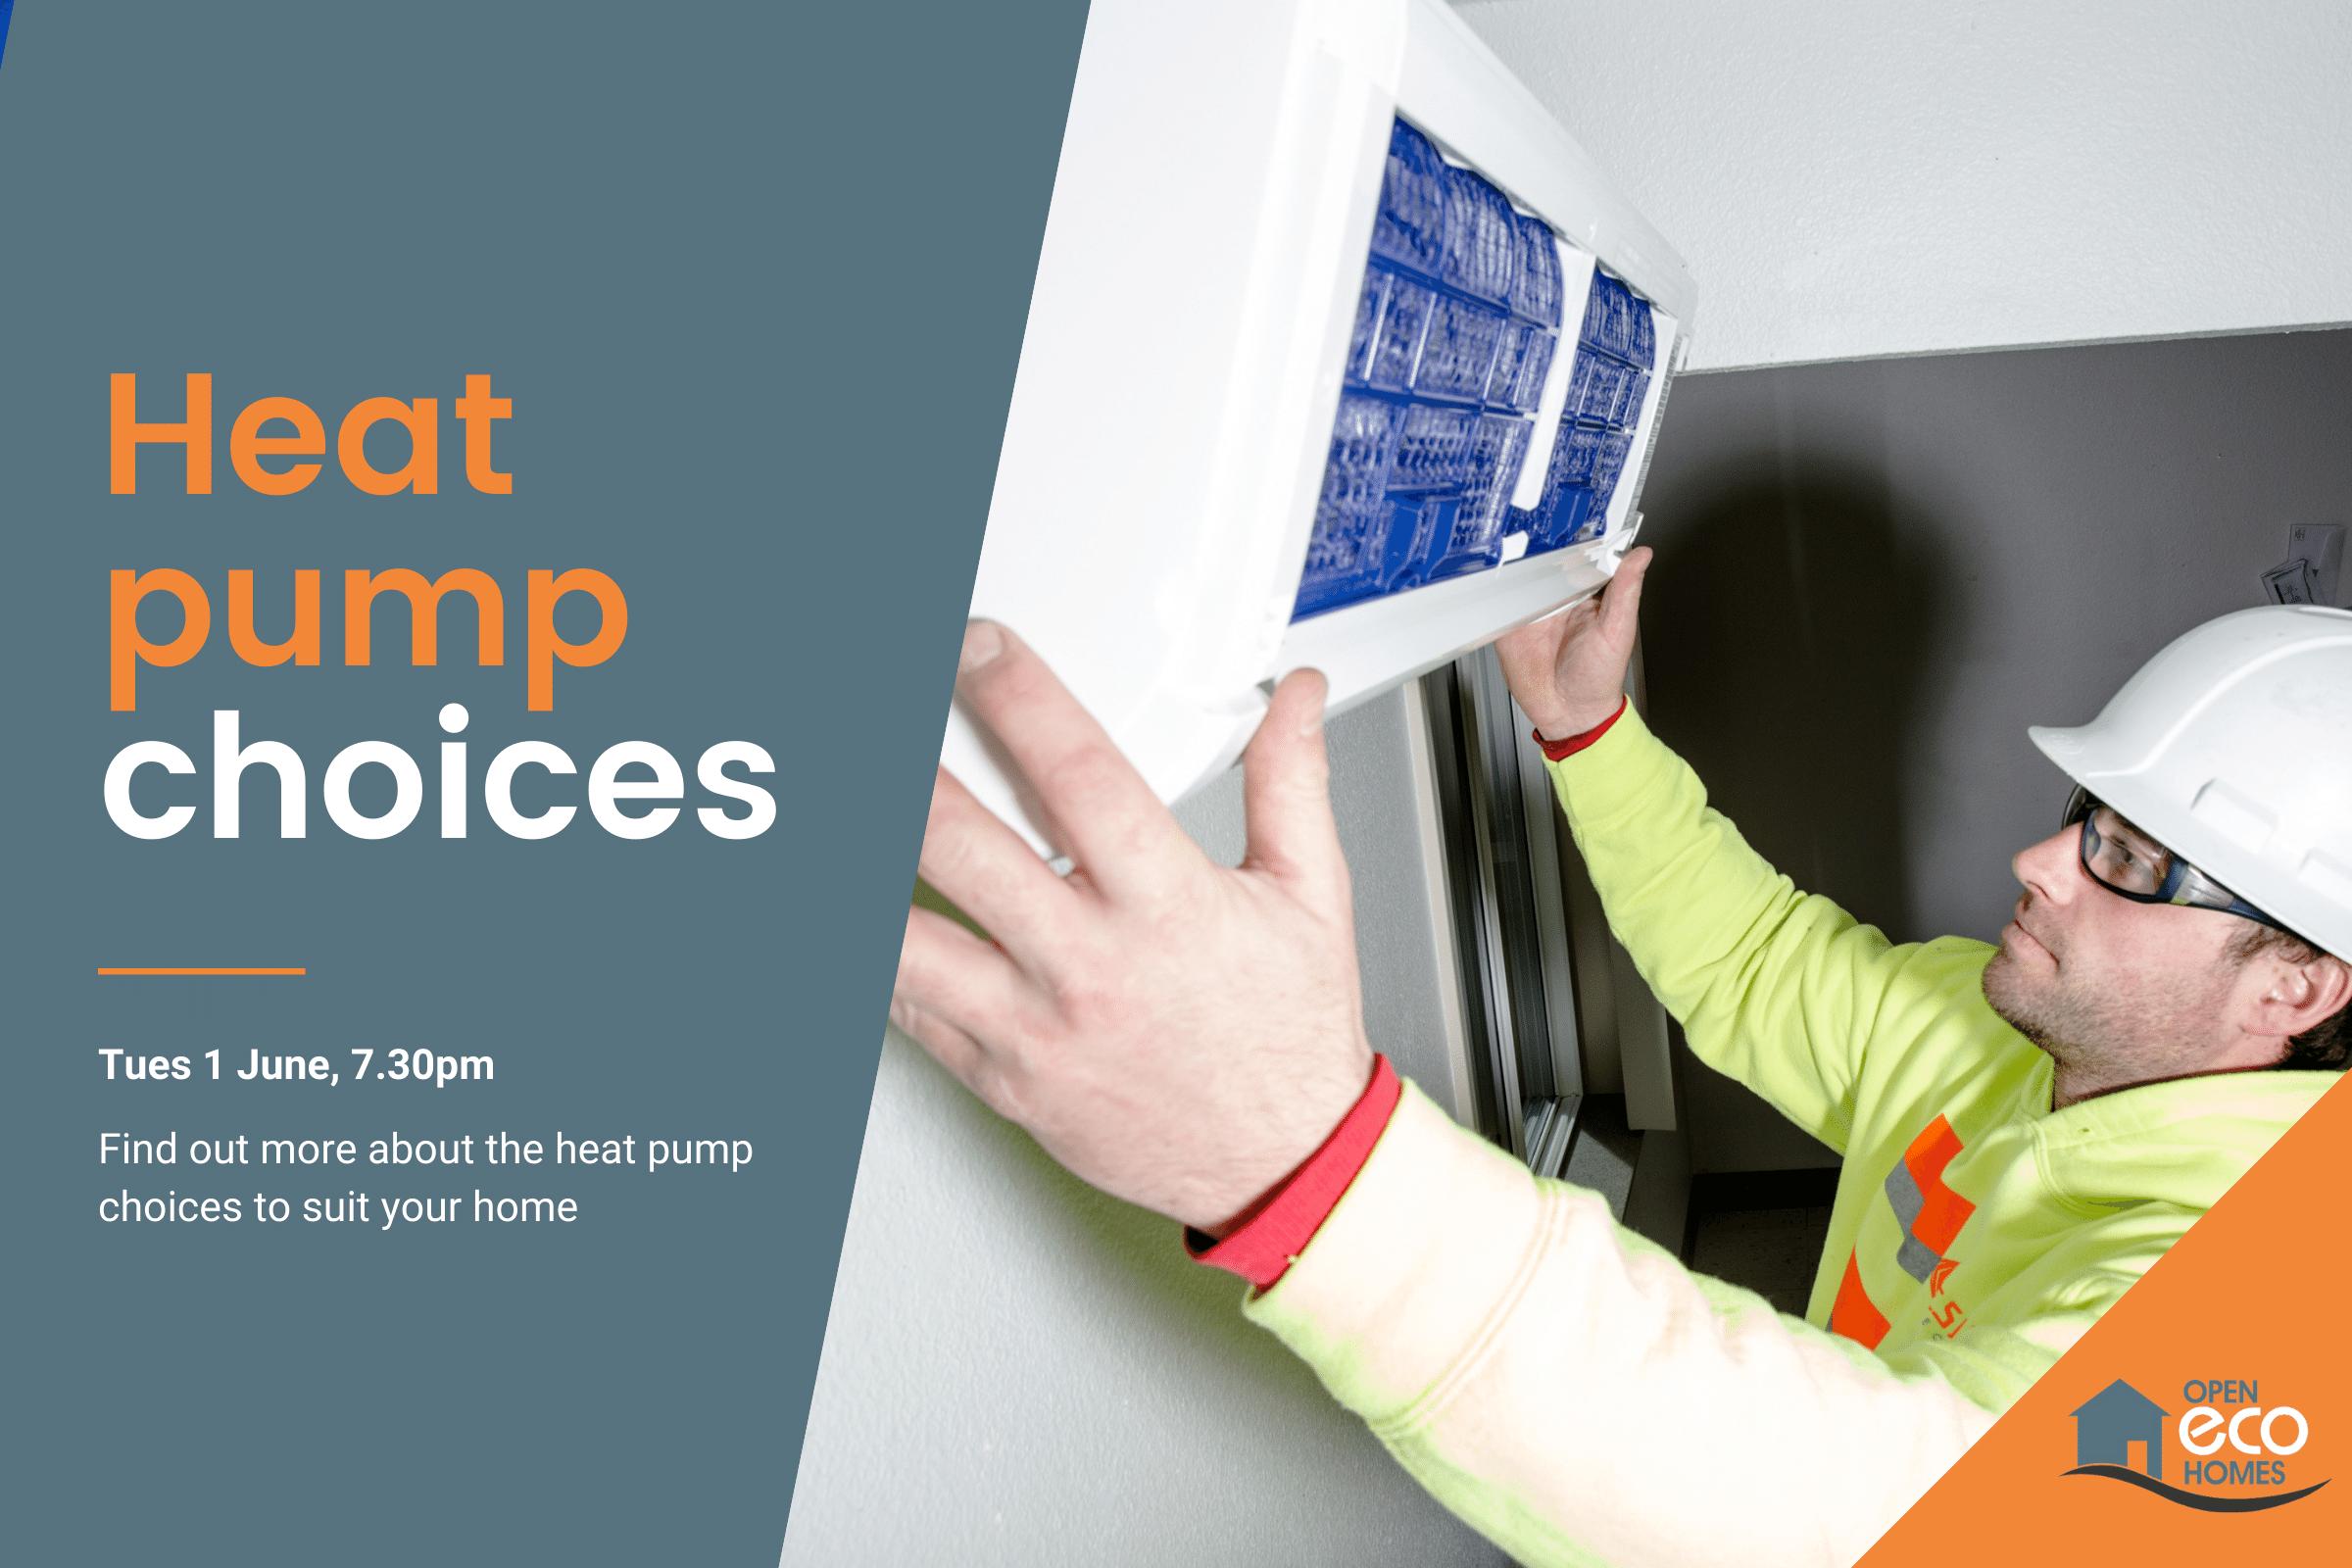 Heat pump choices